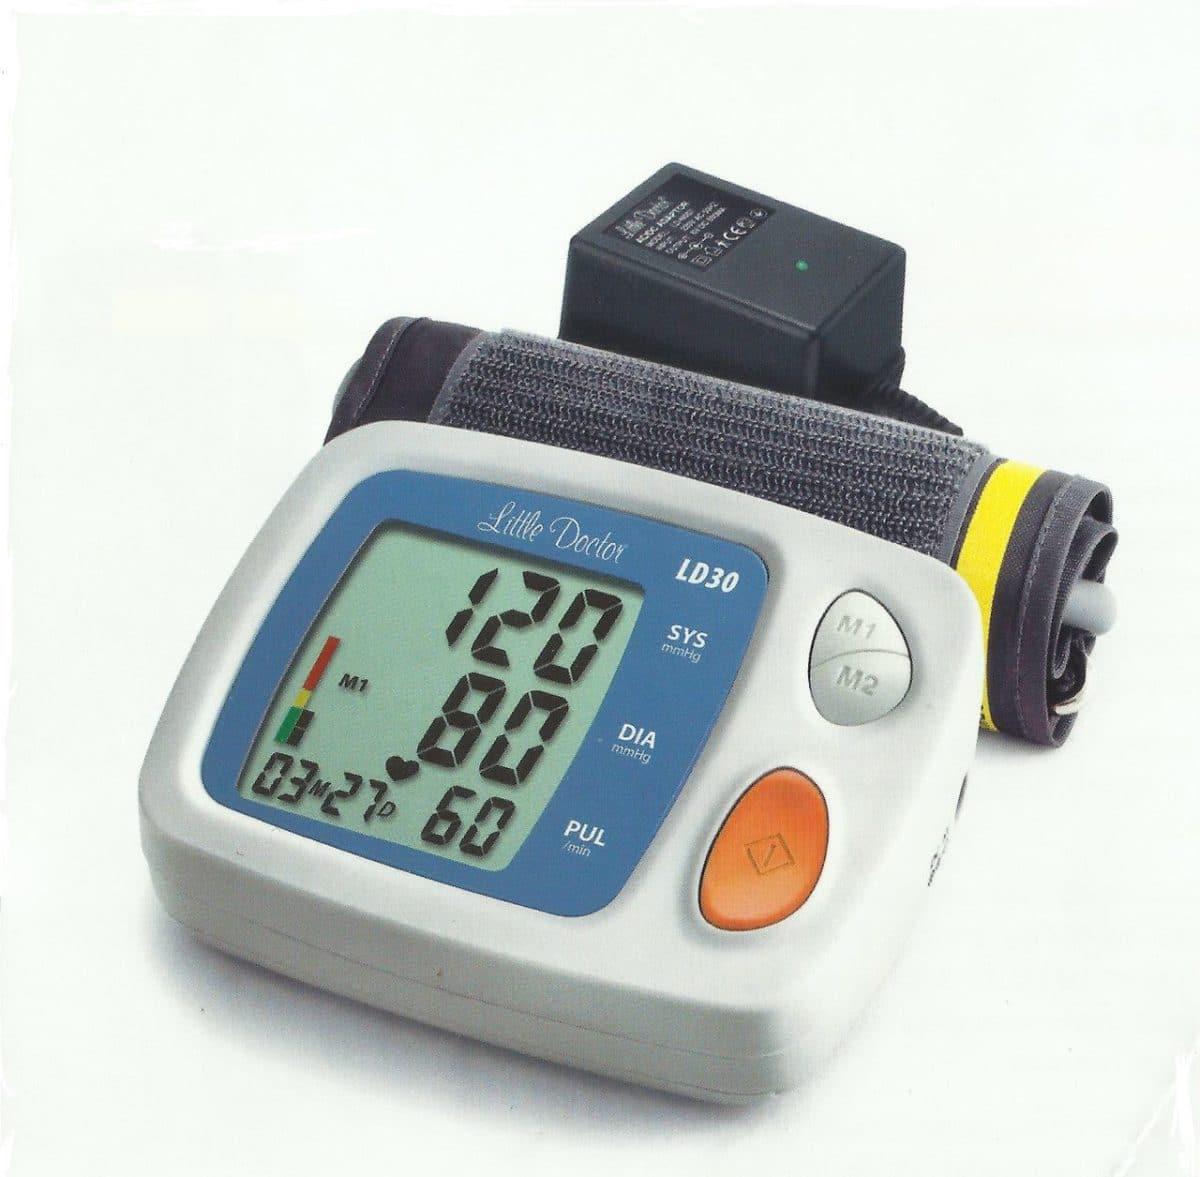 Что означают цифры при измерении артериального давления?